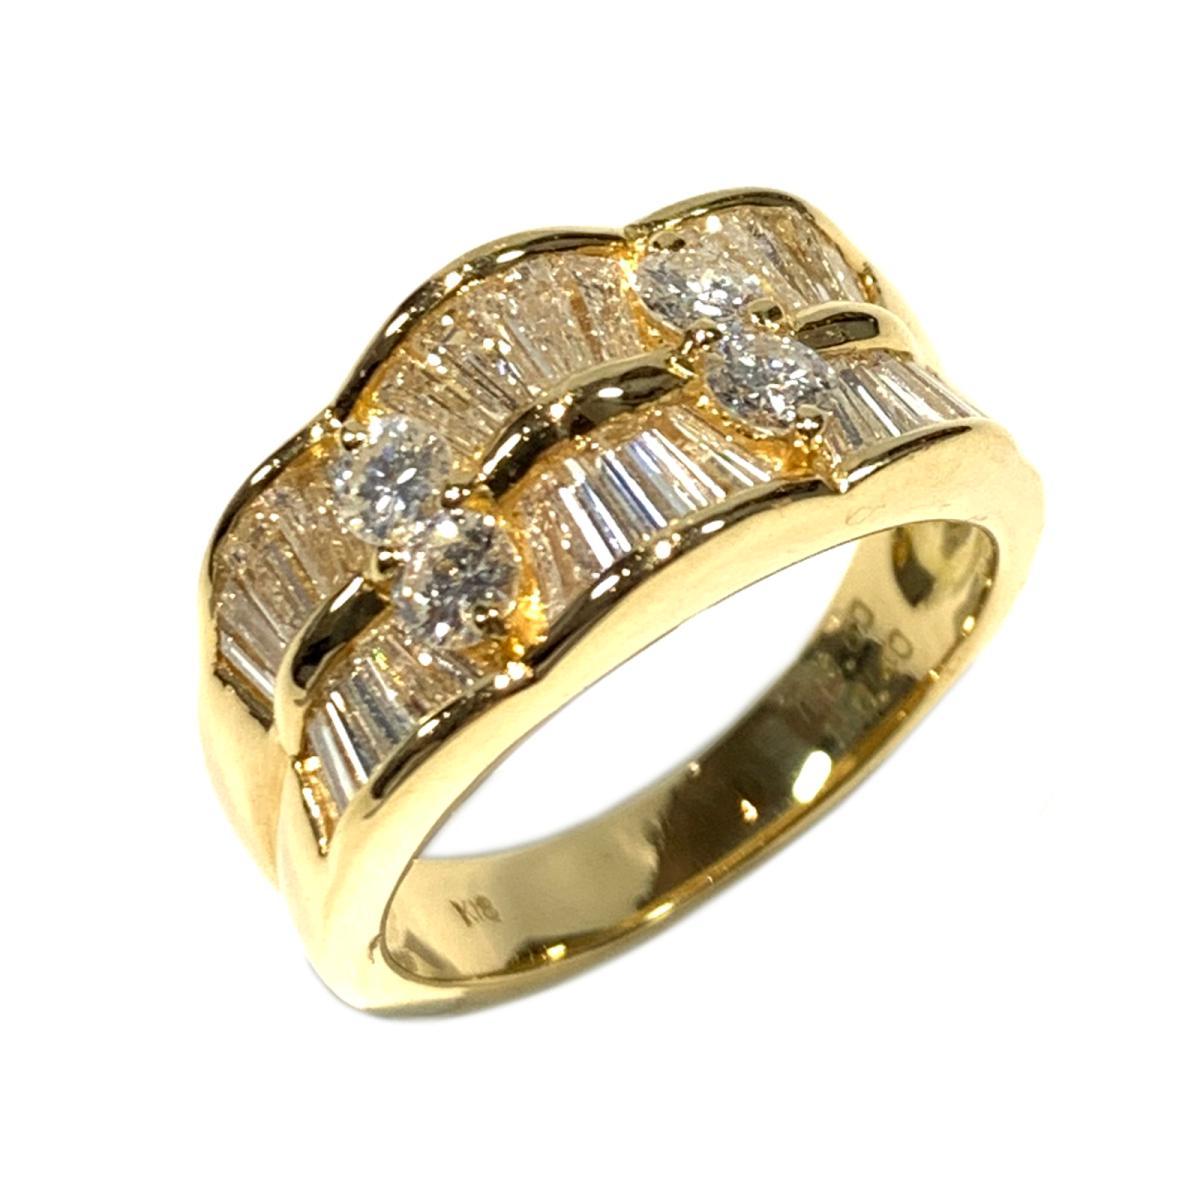 【中古】 ジュエリー ダイヤモンド リング 指輪 レディース K18YG (750) イエローゴールド x 0.40ct ゴールド | JEWELRY BRANDOFF ブランドオフ ブランド アクセサリー